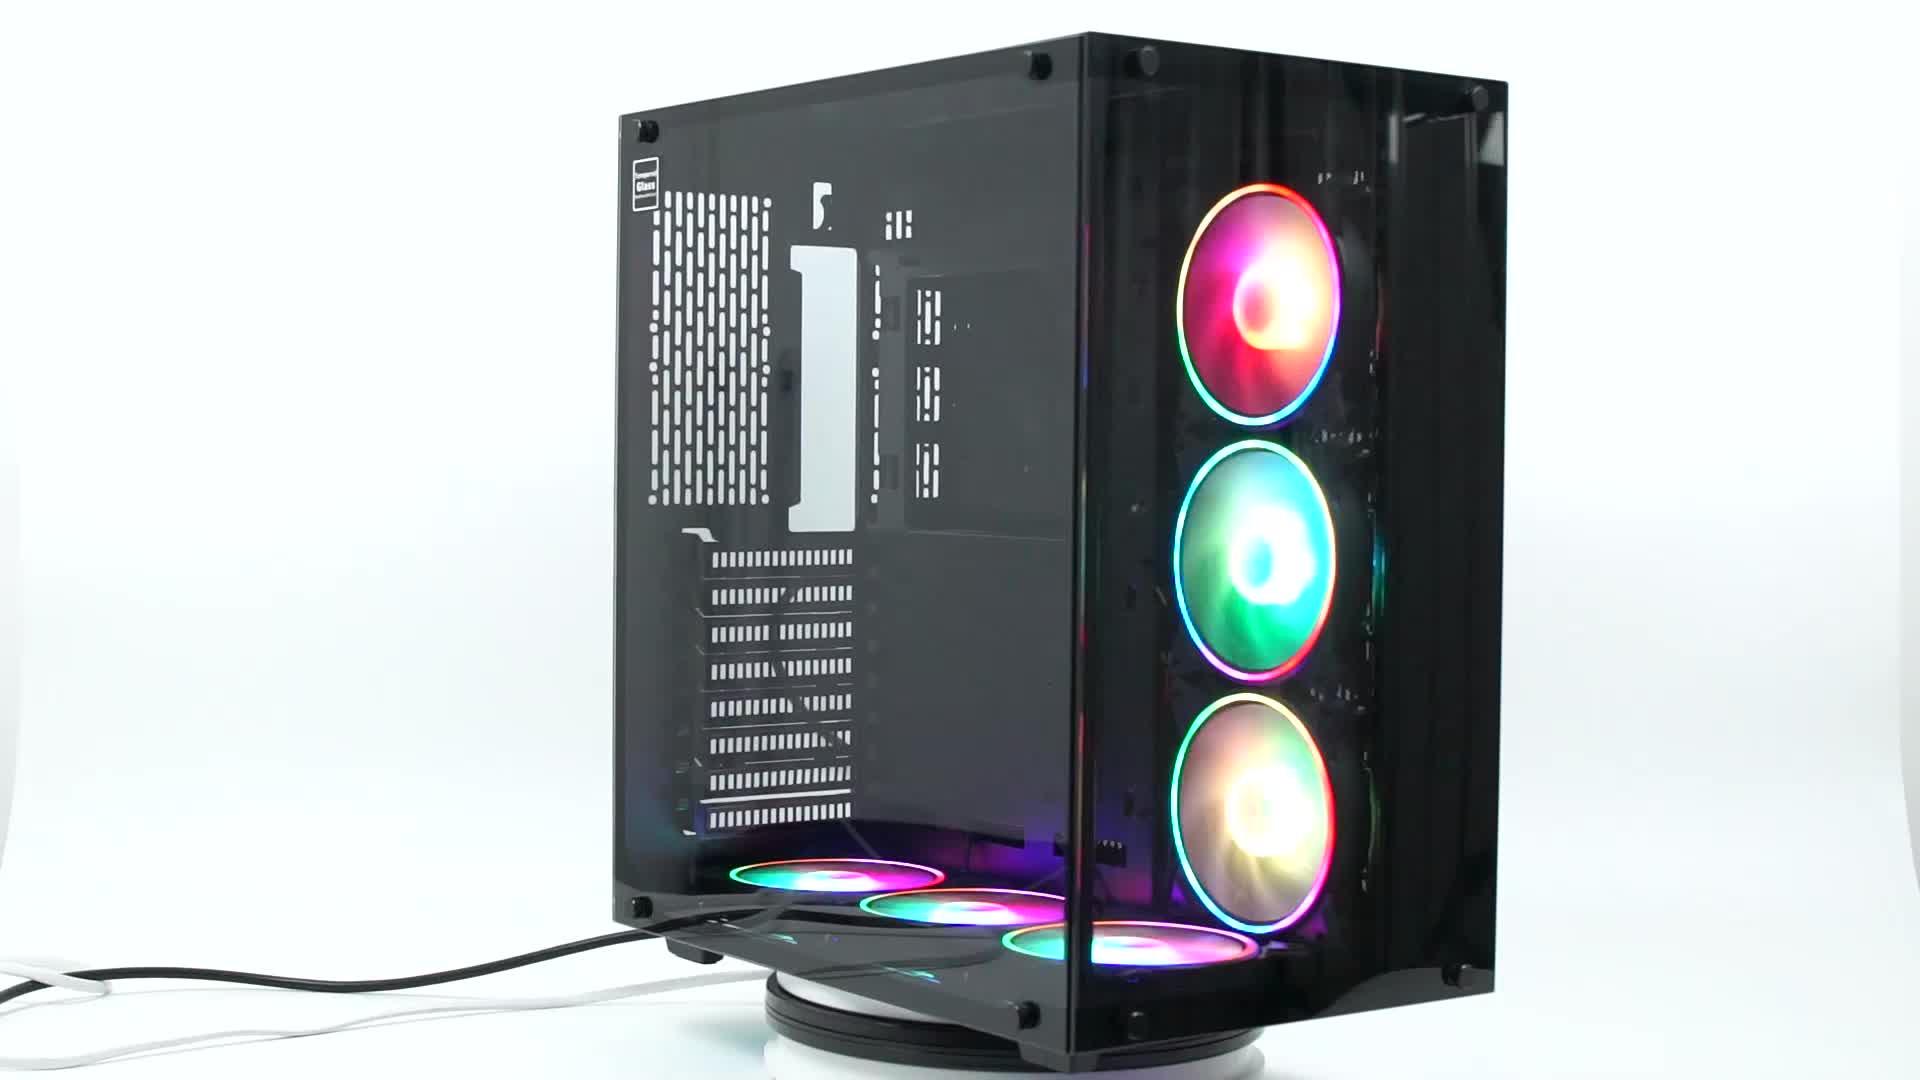 Yüksek Kaliteli Güzel OEM bilgisayar masaüstü tam kule vaka oyun bilgisayarı kılıfı